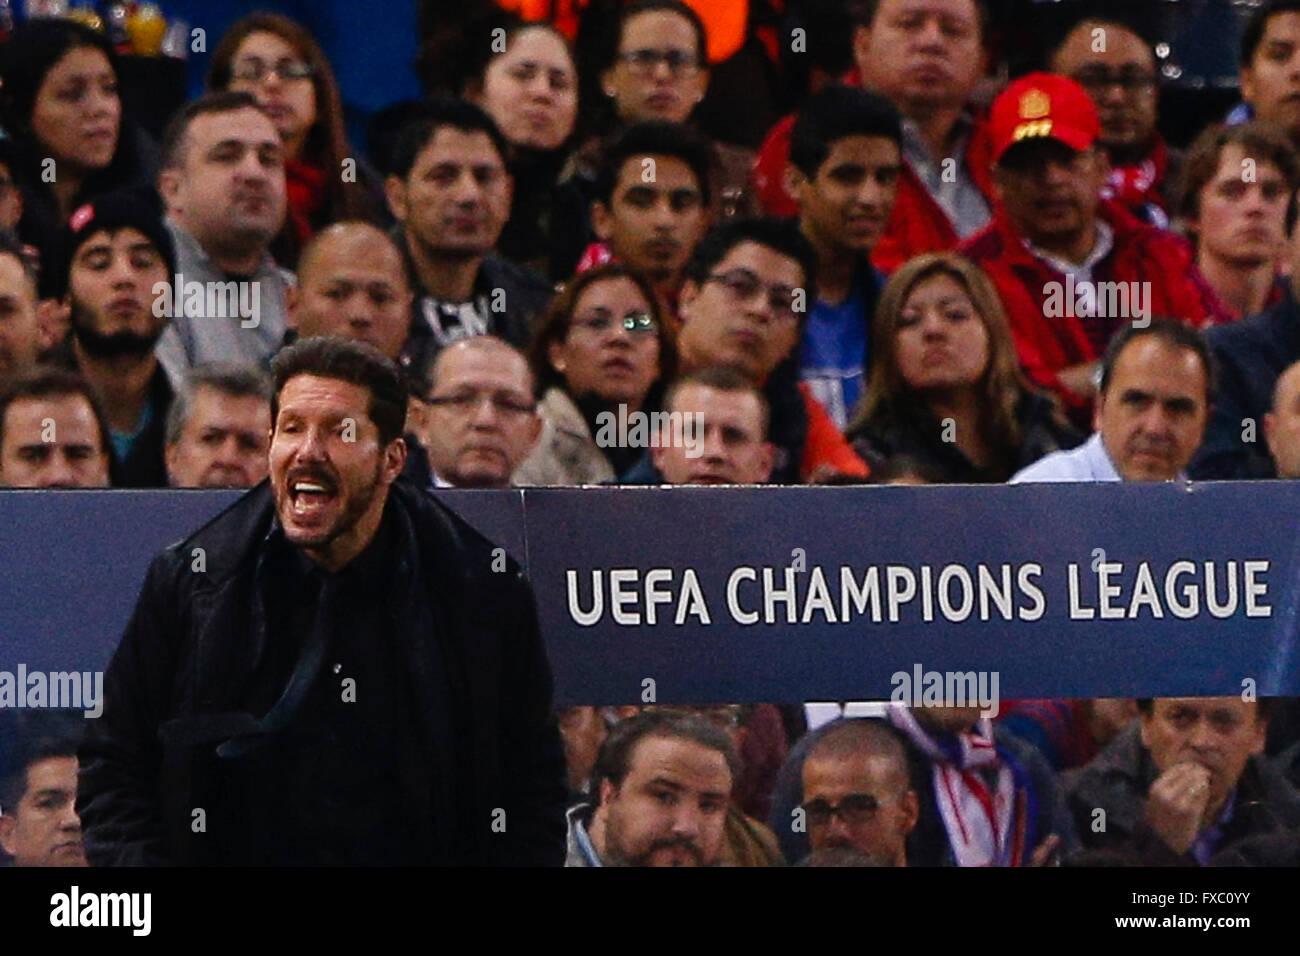 Madrid, España. 13 abr, 2016. Diego Pablo Simeone entrenador del Atlético de Madrid UCL, Liga de Campeones Imagen De Stock